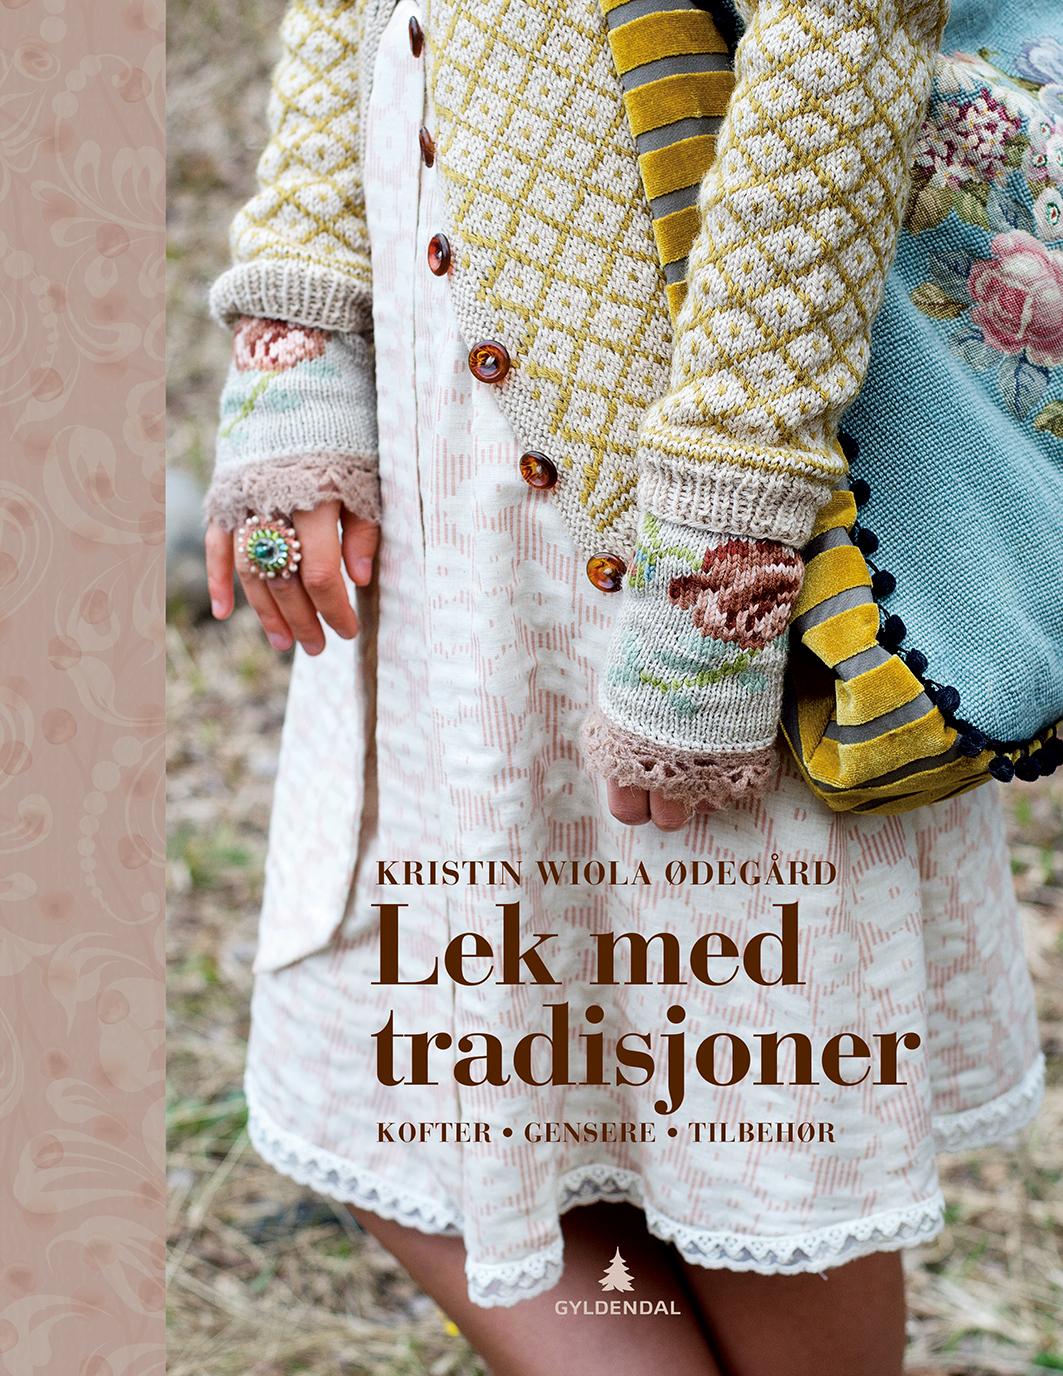 Lek-med-tradisjoner-Kofter-gensere-tilbe